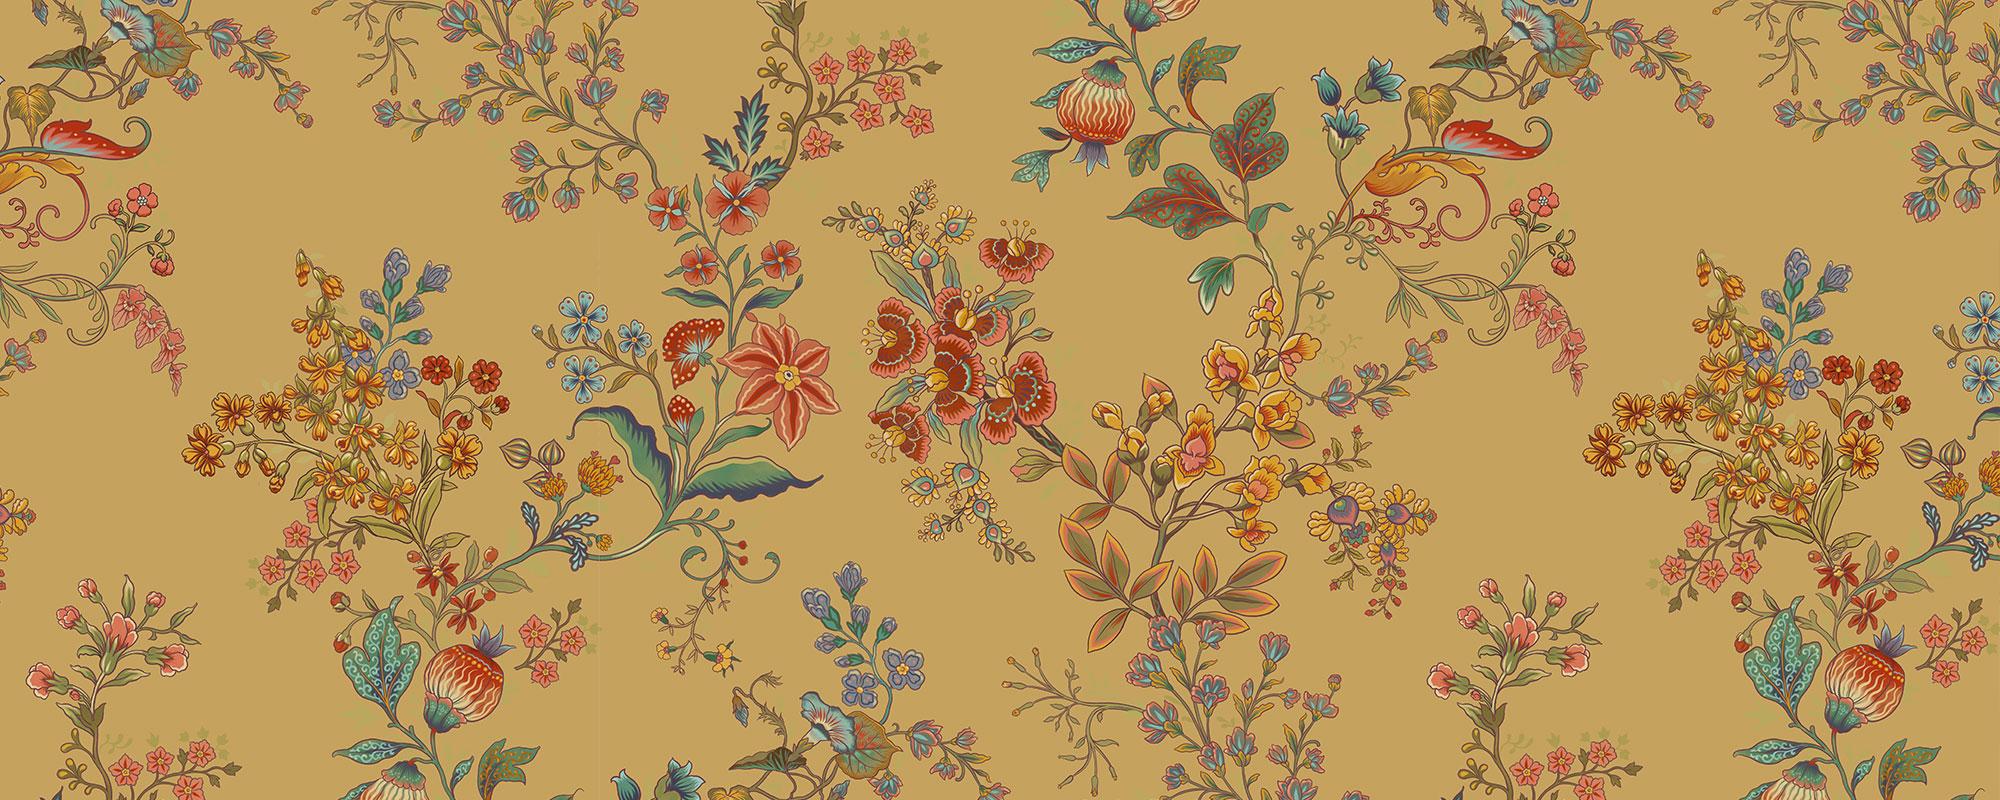 tapisserie fleurs